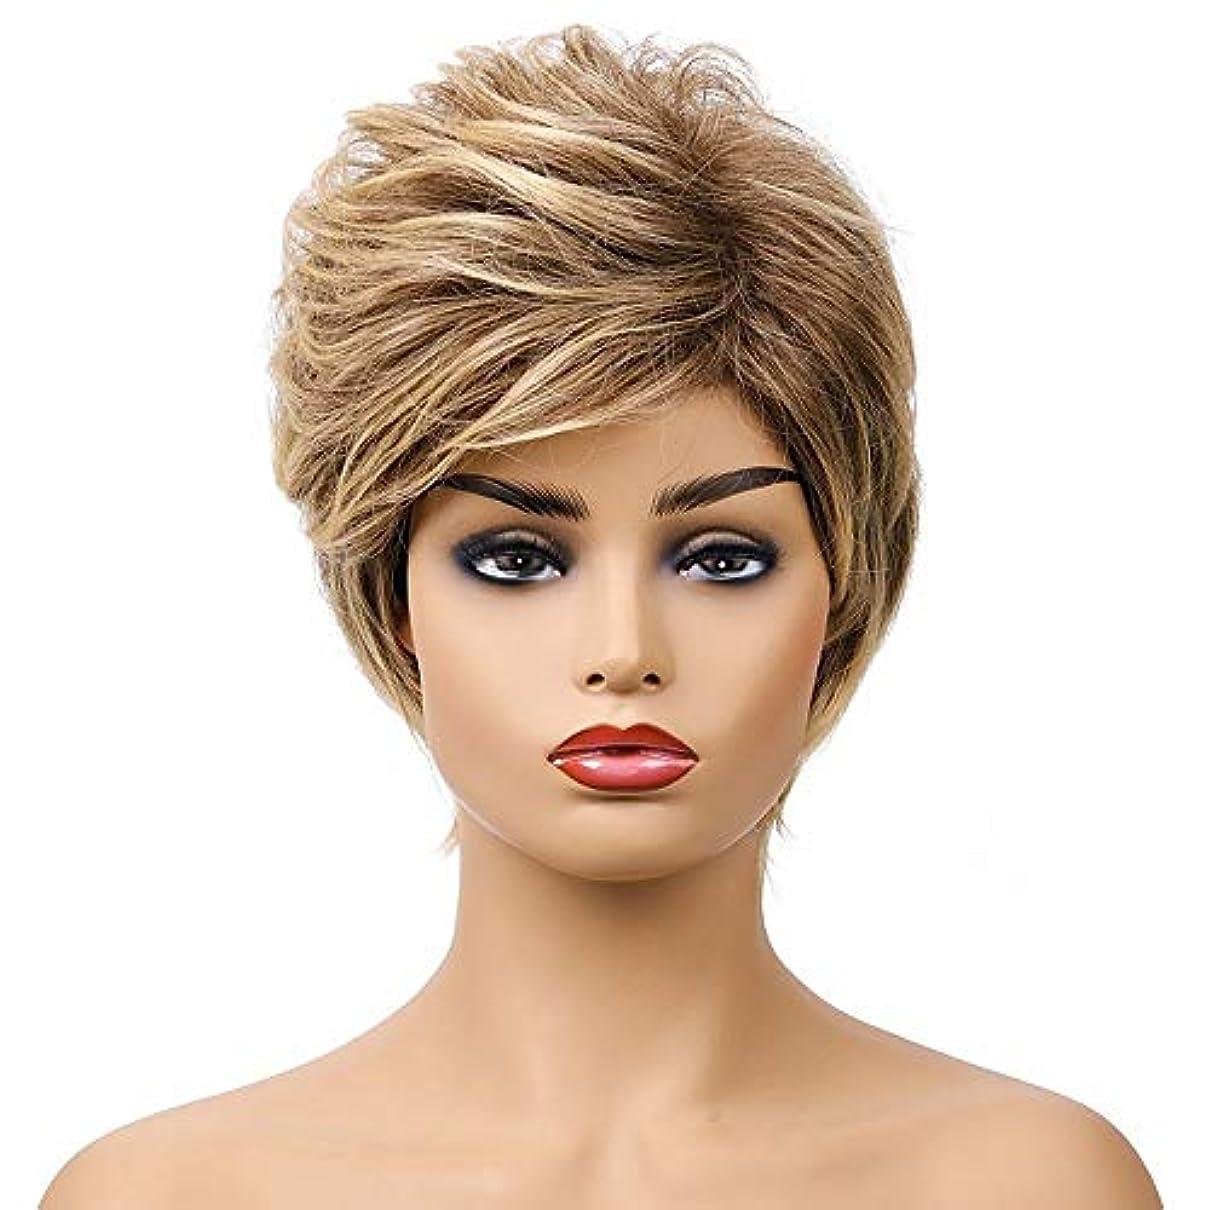 近く真向こう比較的女性の短い茶色の巻き毛のかつら、女性の側部のかつら、黒人女性のための自然なかつら、合成衣装ハロウィンコスプレパーティーウィッグ、茶色の黄色の混合色(ウィッグキャップ付き)